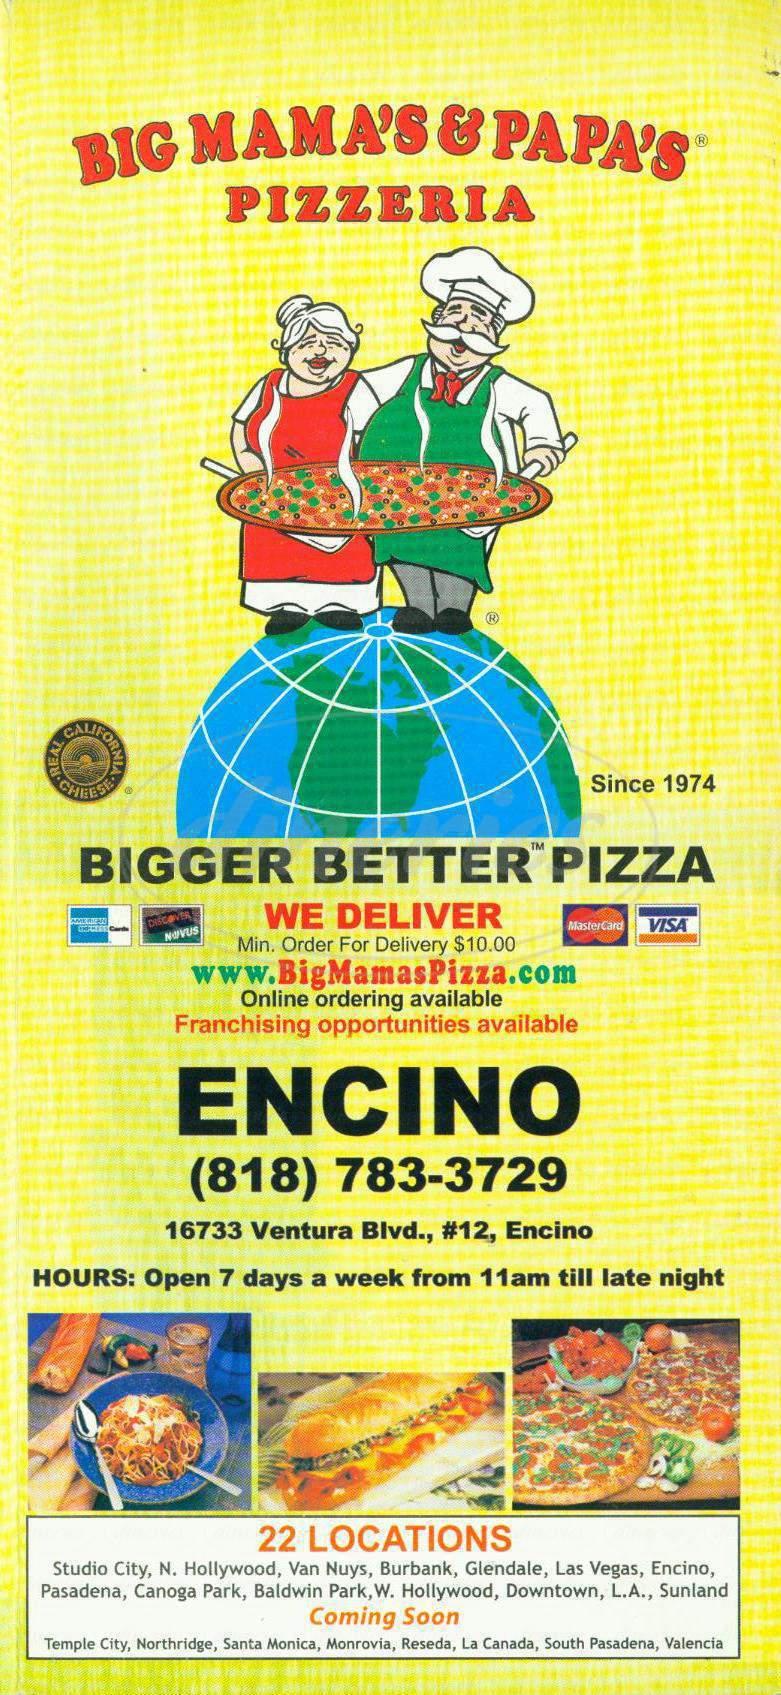 menu for Big Mama's & Papa's Pizzeria